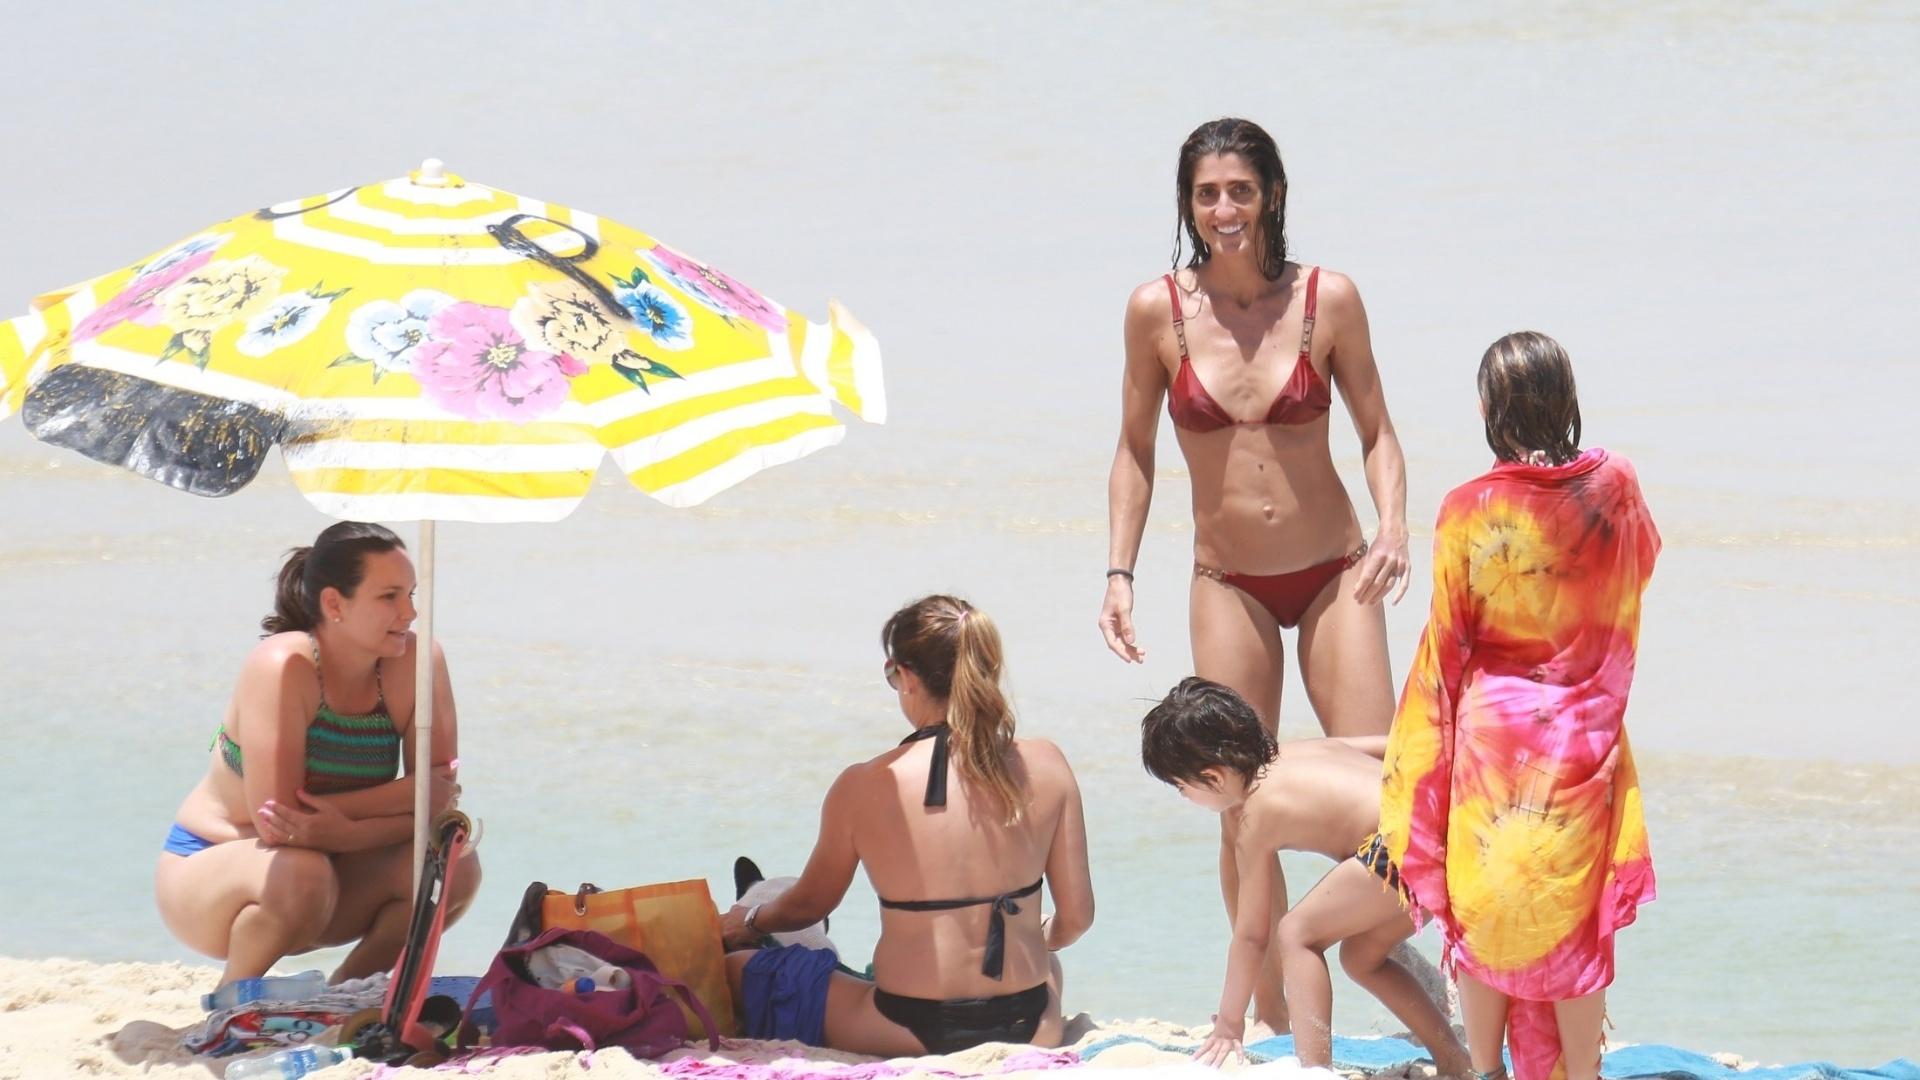 15.out.2016 - A apresentadora Cynthia Howlett foi vista na praia de São Conrado, no Rio de Janeiro, aproveitando o mar ao lado dos filhos Manuela e Rodrigo, frutos do casamento com Eduardo Moscovis, de quem se separou em julho